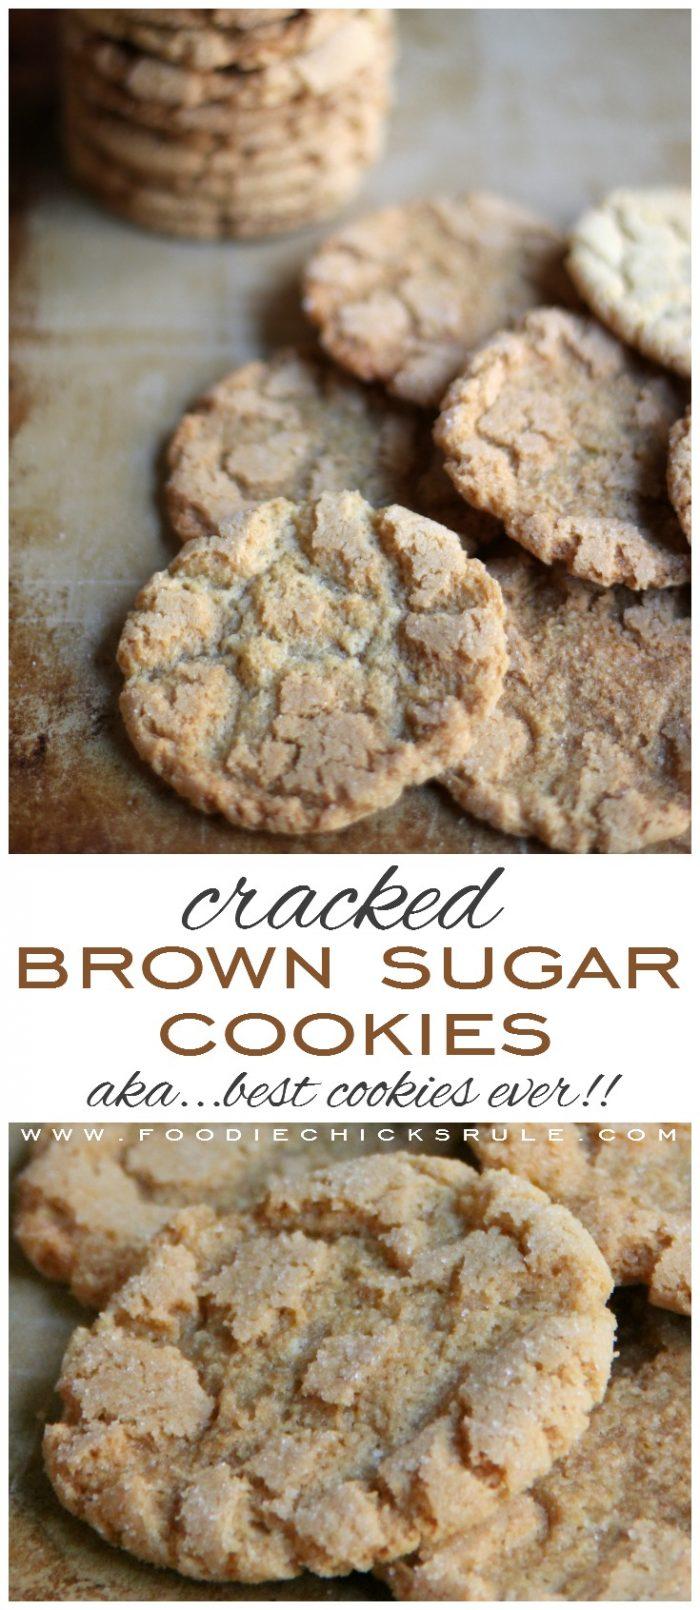 Cracked Brown Sugar Cookies - AKA.... THE best cookie ever!! foodiechicksrule.com #crackedbrownsugar #brownsugarcookies #sugarcookies #cookierecipes